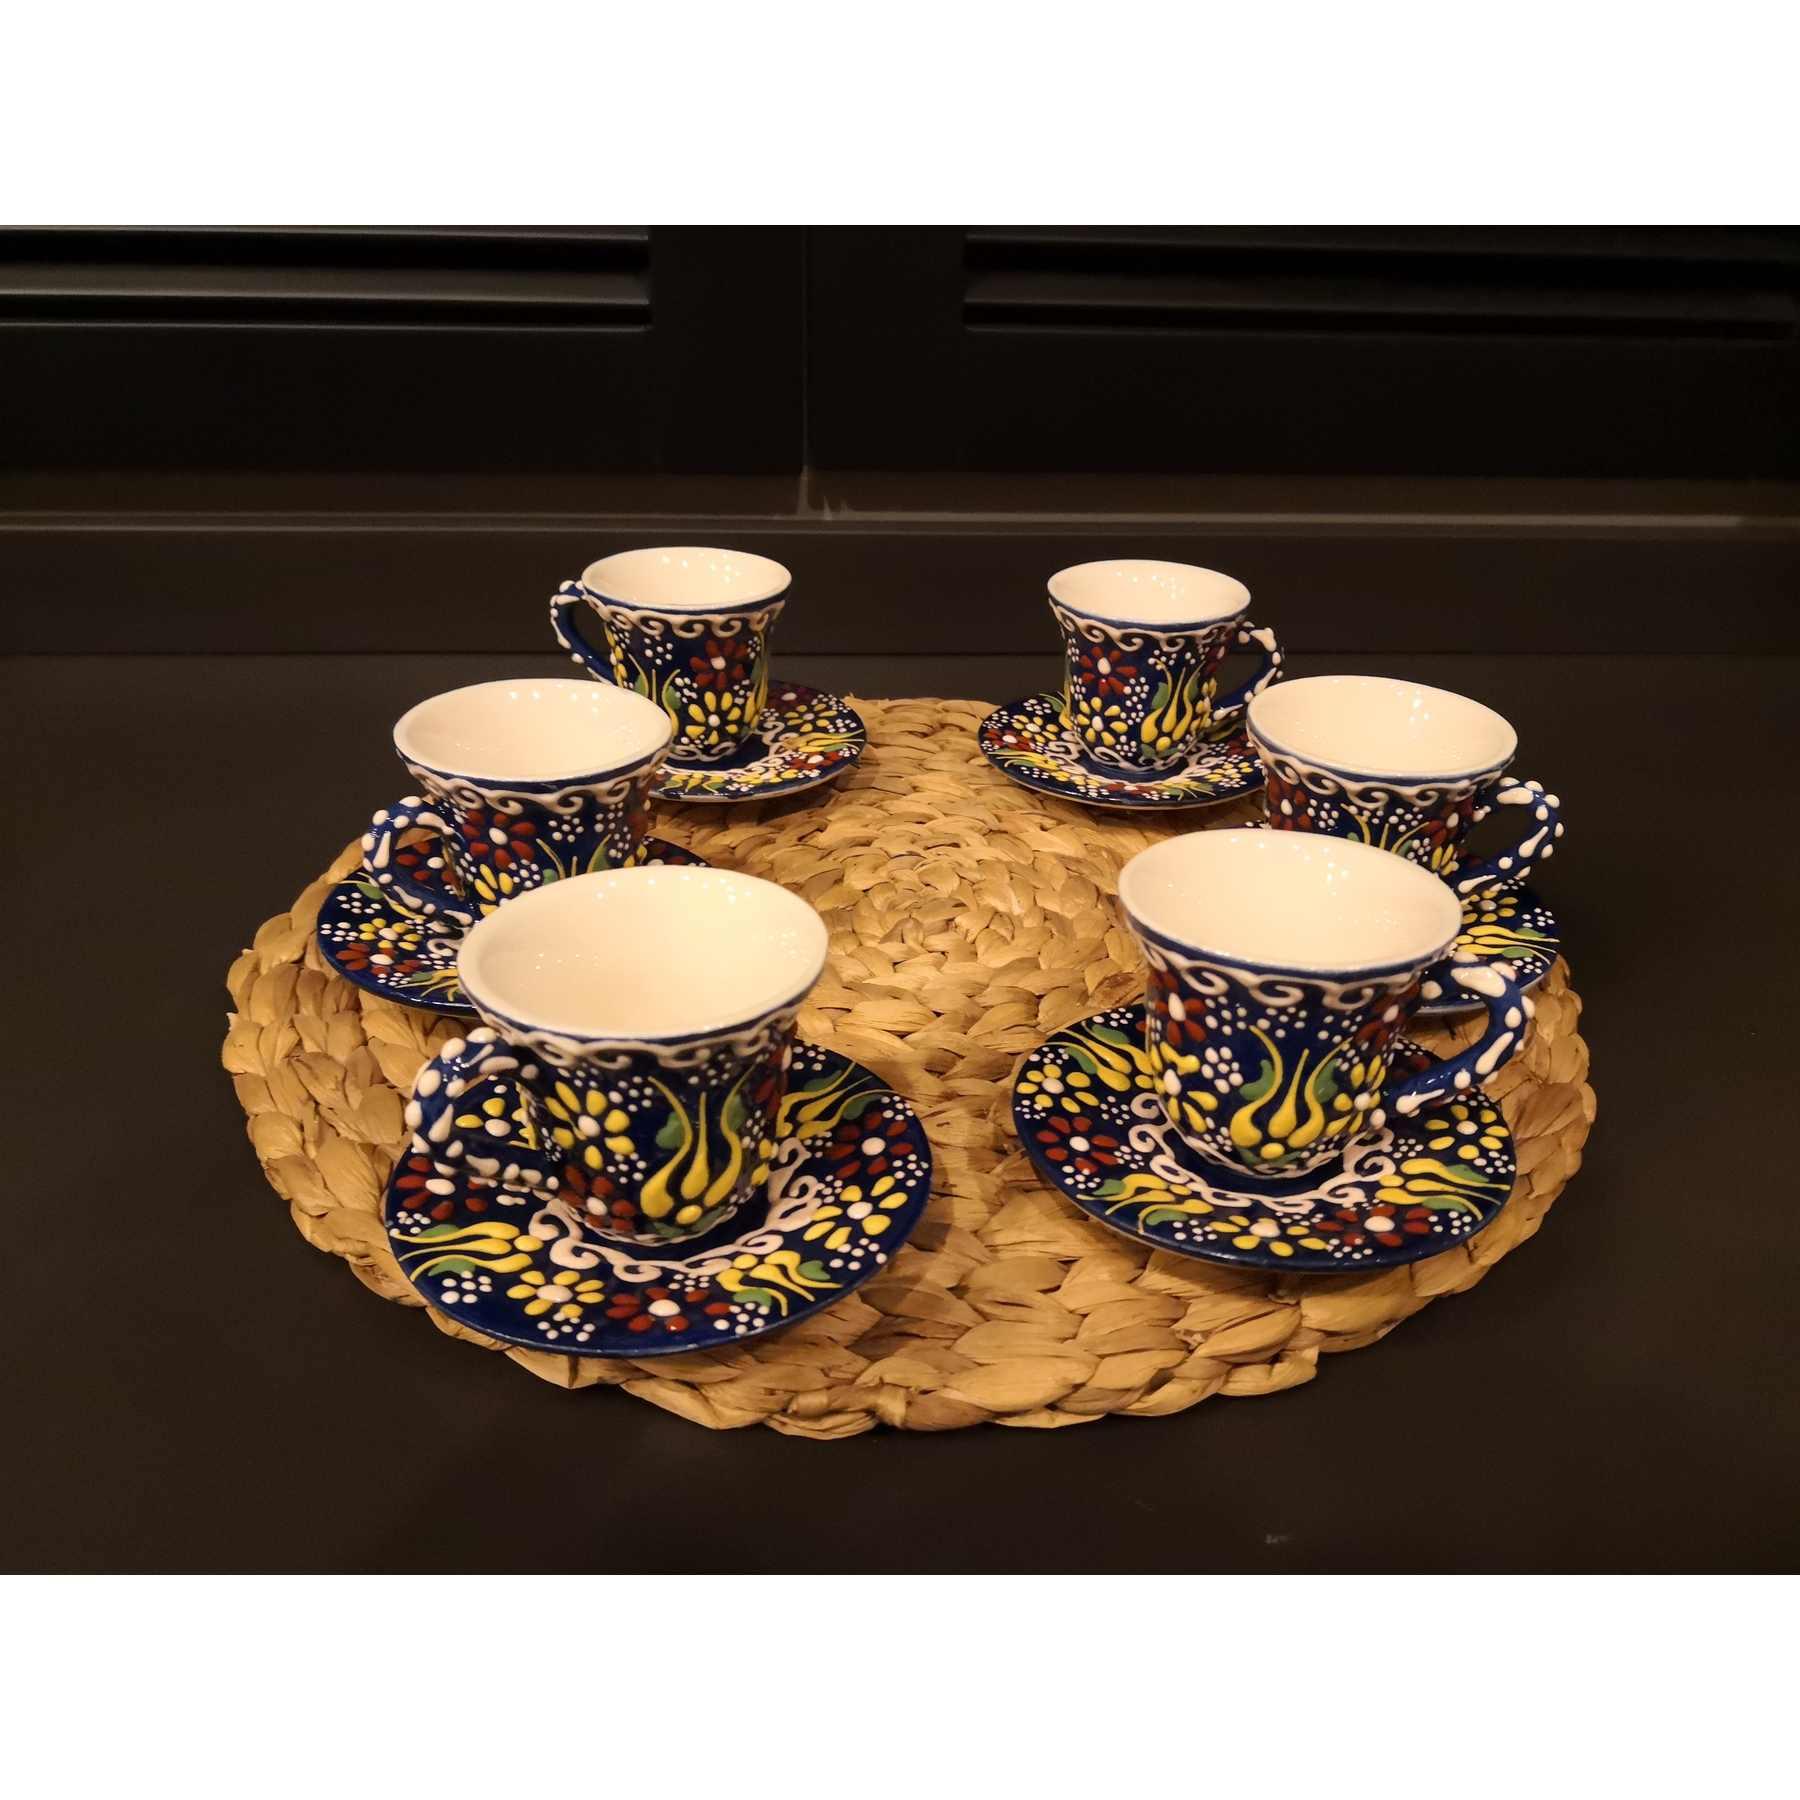 Set di 6 Regalo del Caffè di ceramica Ottomano Turco Tazze di Caffè Set con Turco Made in Turchia Arabo Caffè Set Da Tè tazze Set Per Caffè Espresso